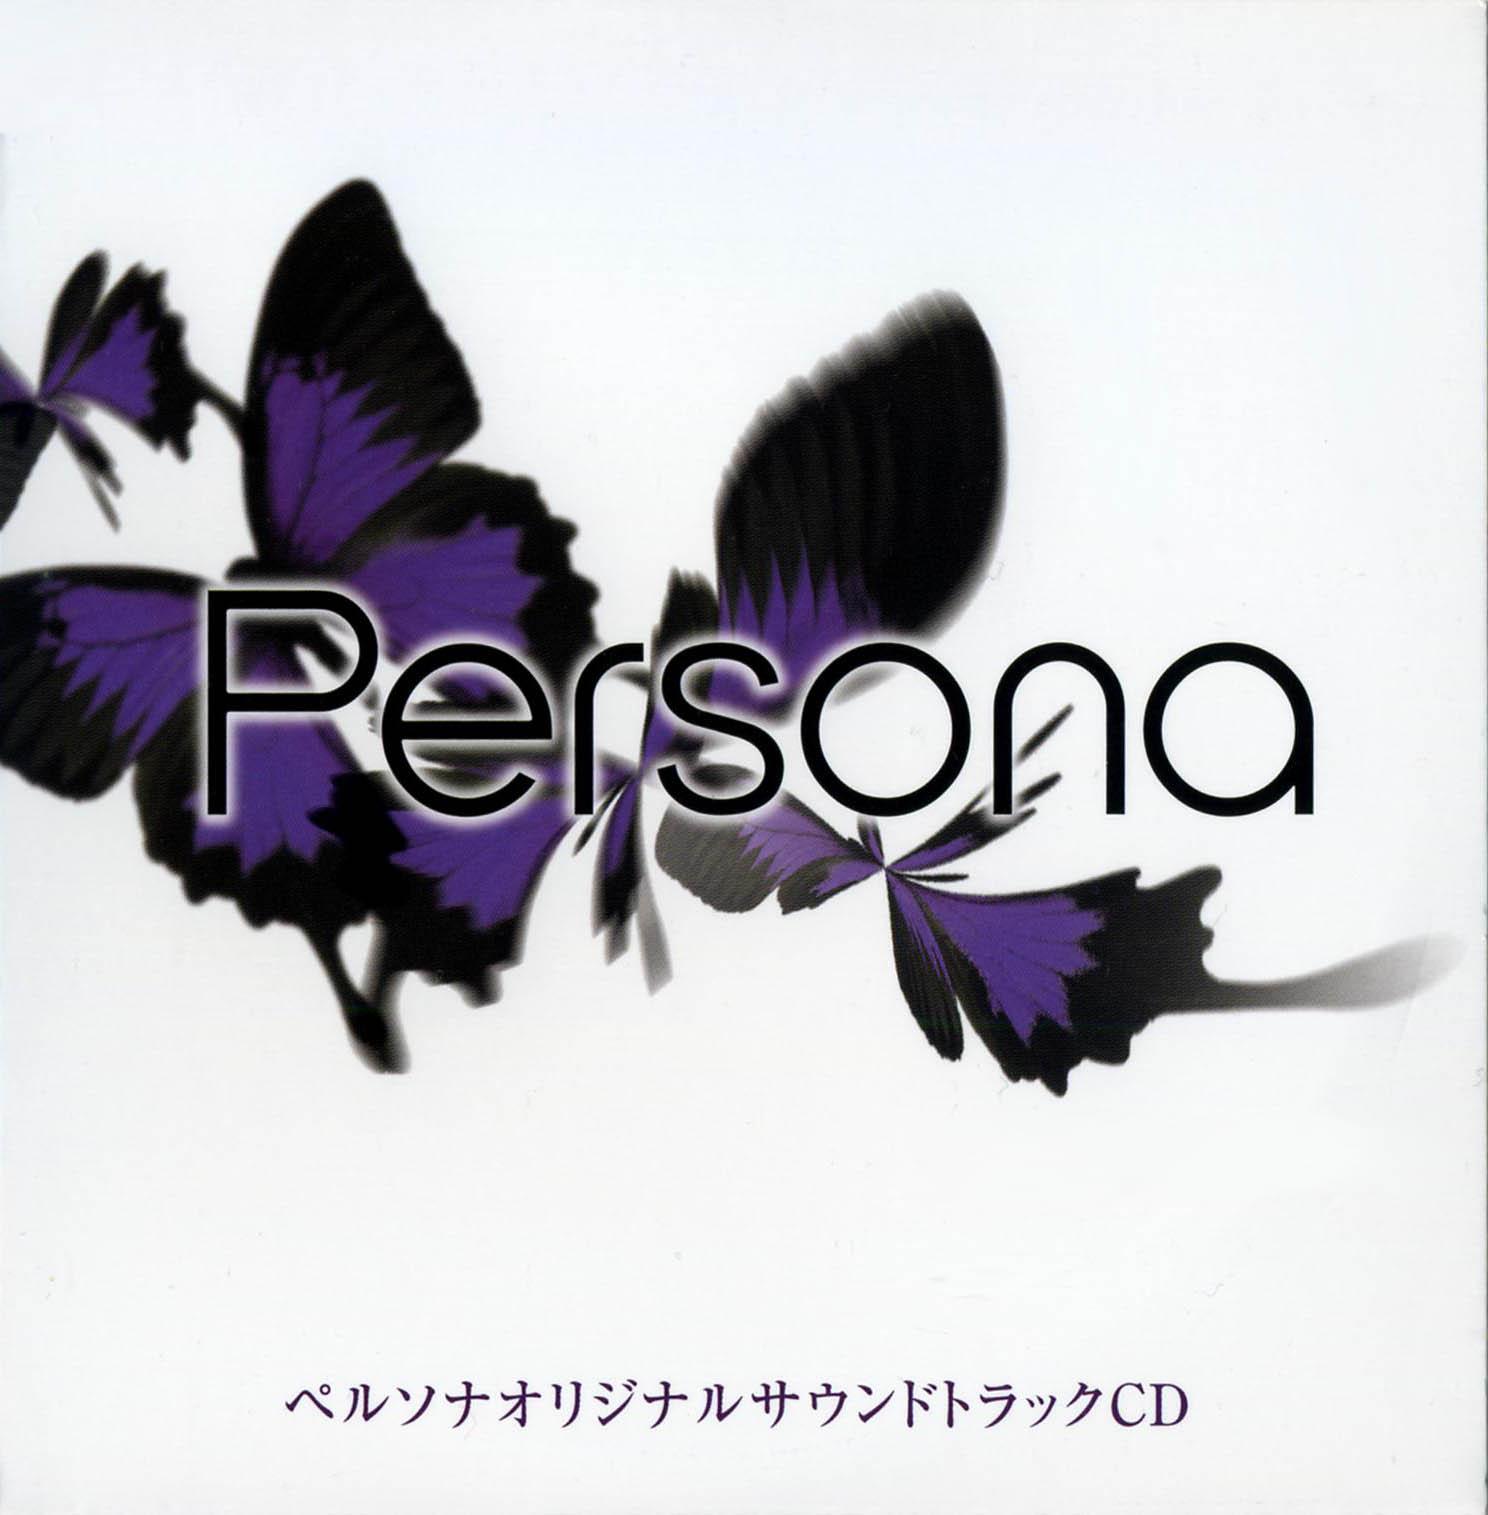 File:PersonaOST.jpg